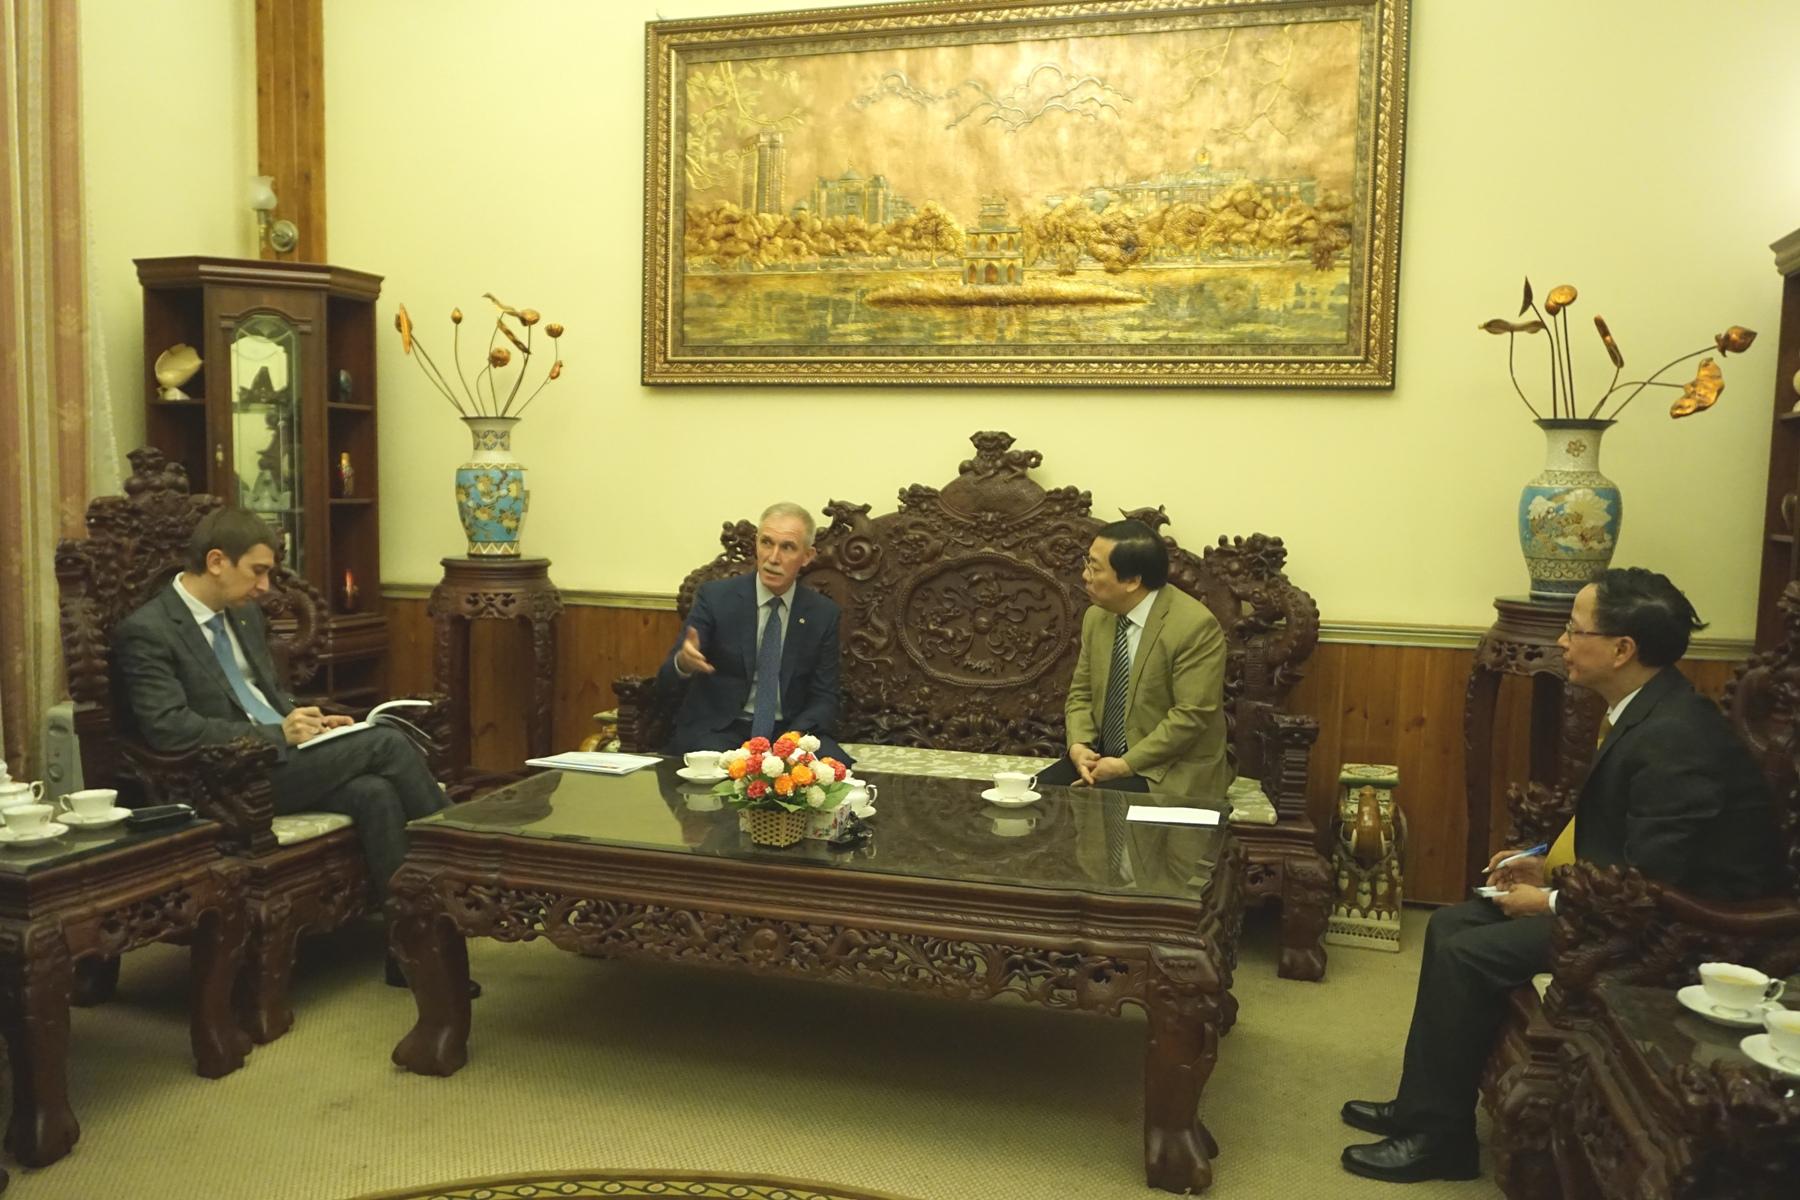 Đại sứ Việt Nam tại LB Nga Nguyễn Thanh Sơn tiếp đoàn lãnh đạo tỉnh Ulianovsk